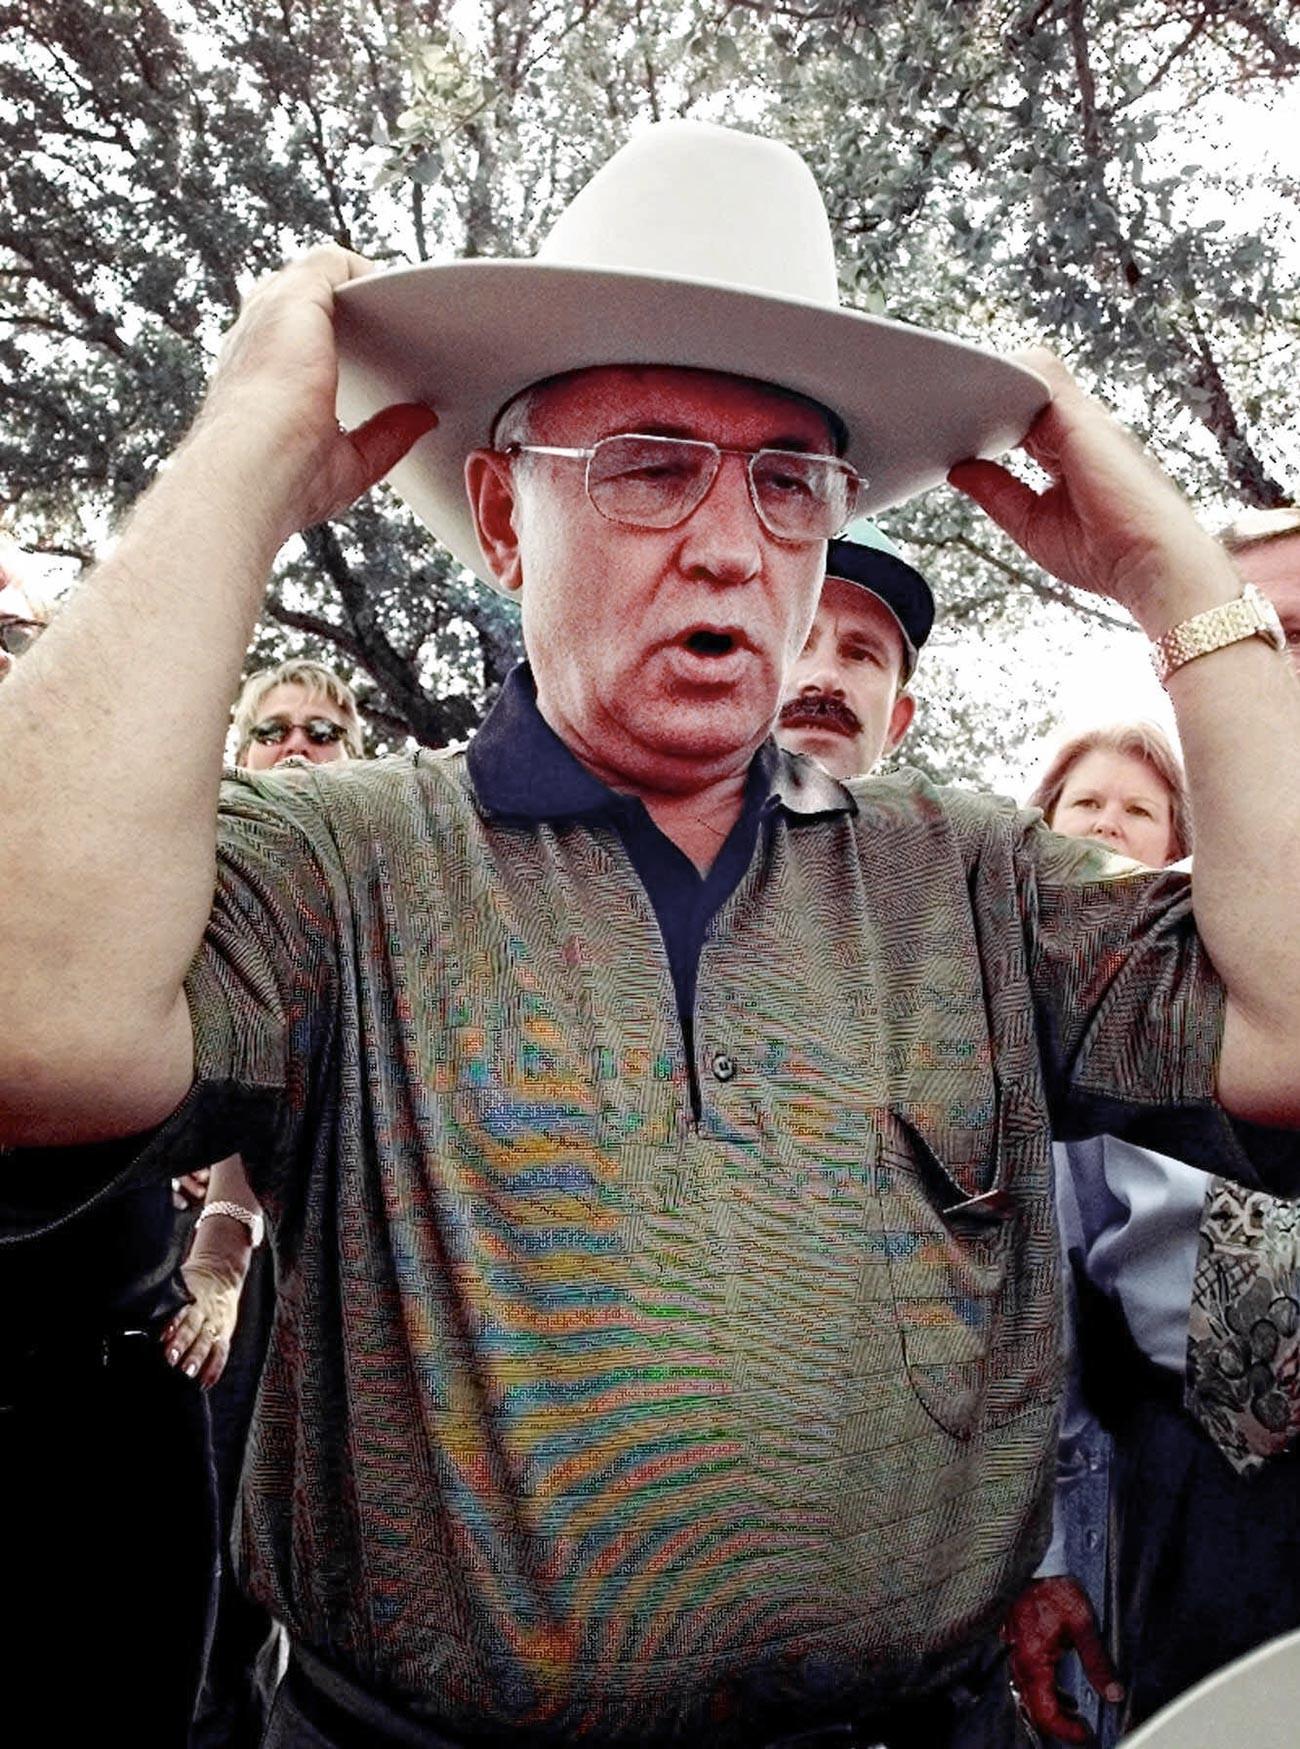 L'ex presidente sovietico Mikhail Gorbachev durante una visita di Stato a Dallas, in Texas, ottobre 1998